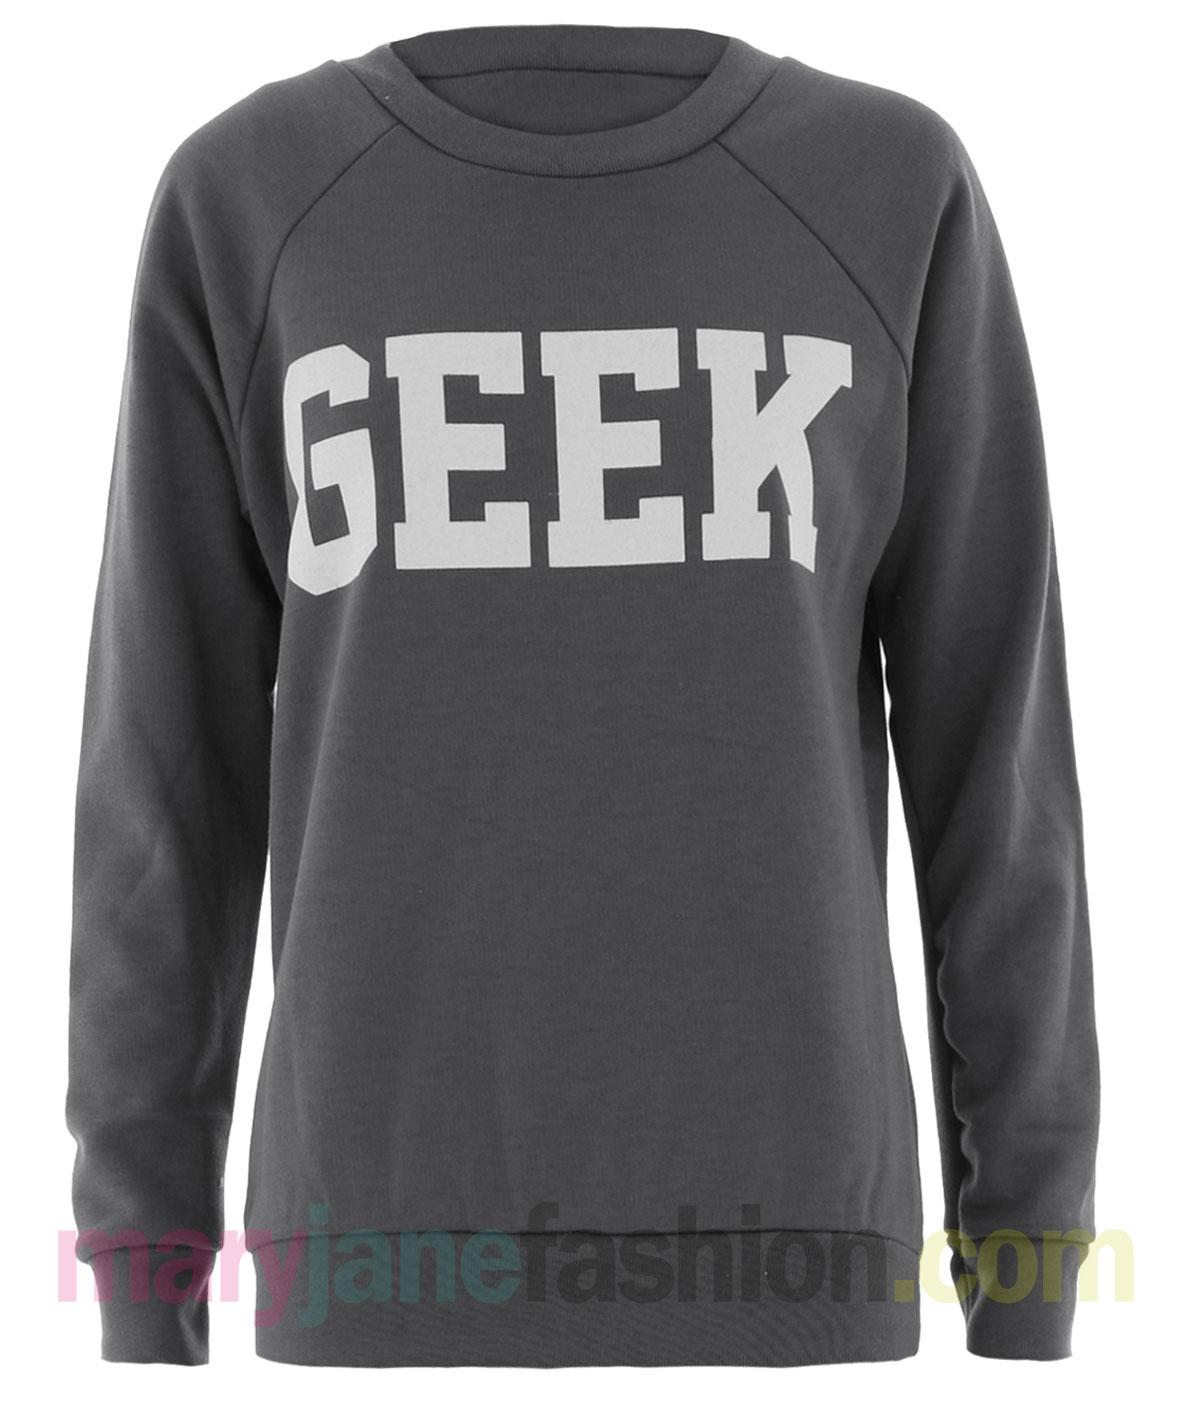 New-Womens-Ladies-Geek-Printed-Crew-Neck-Jumper-Sweater-6-8-10-12